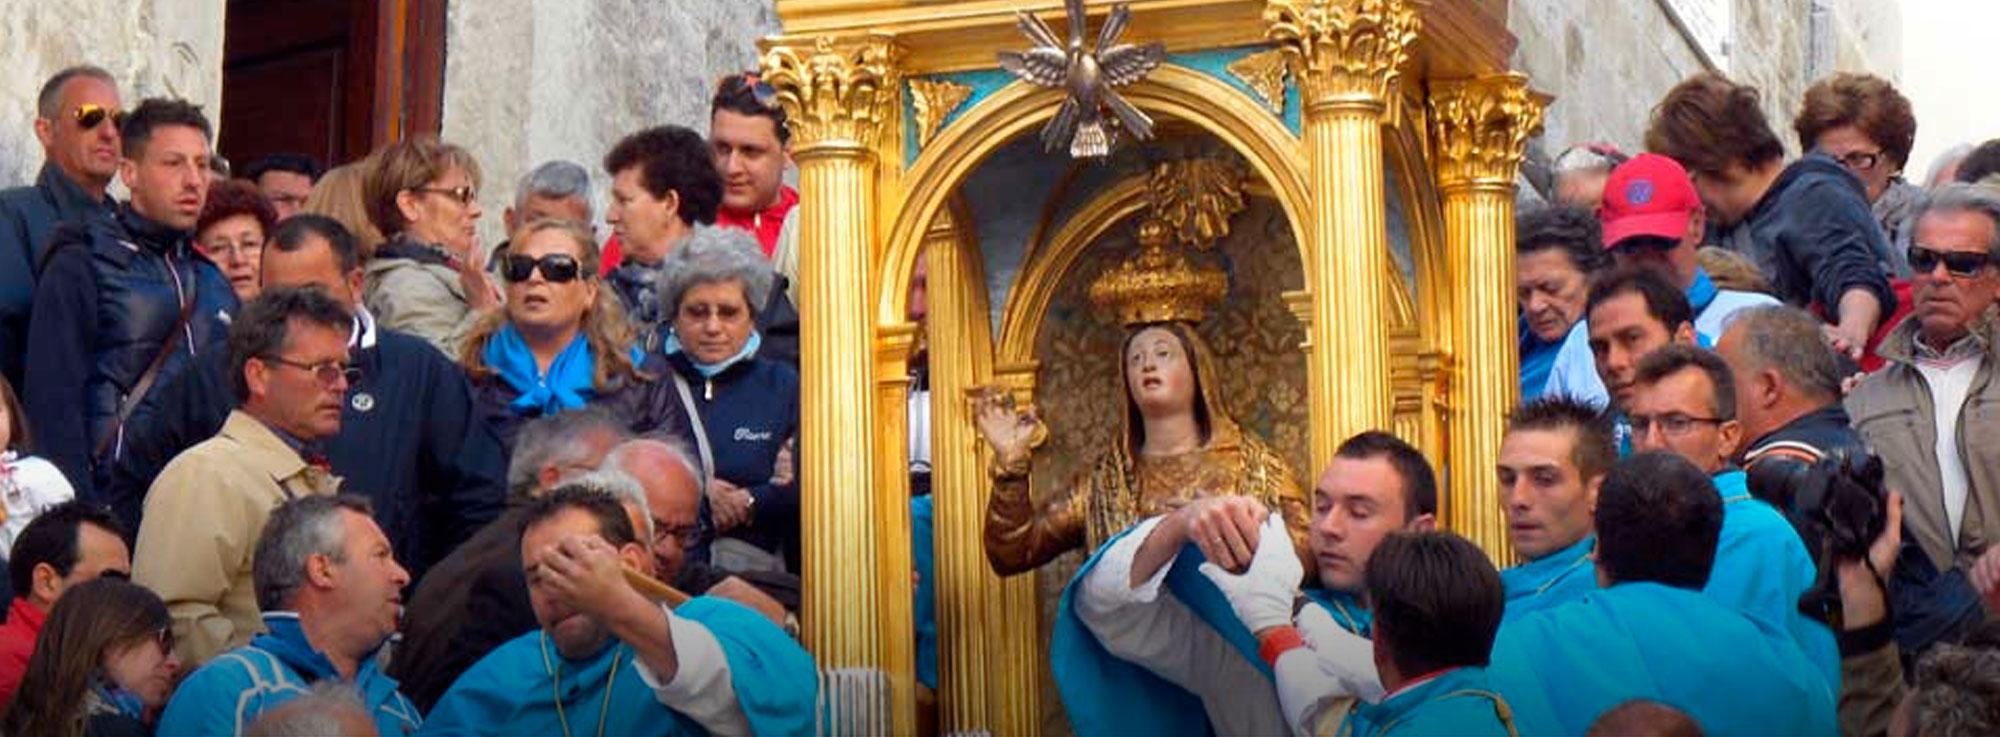 Vieste: Festa Santa Maria di Merino